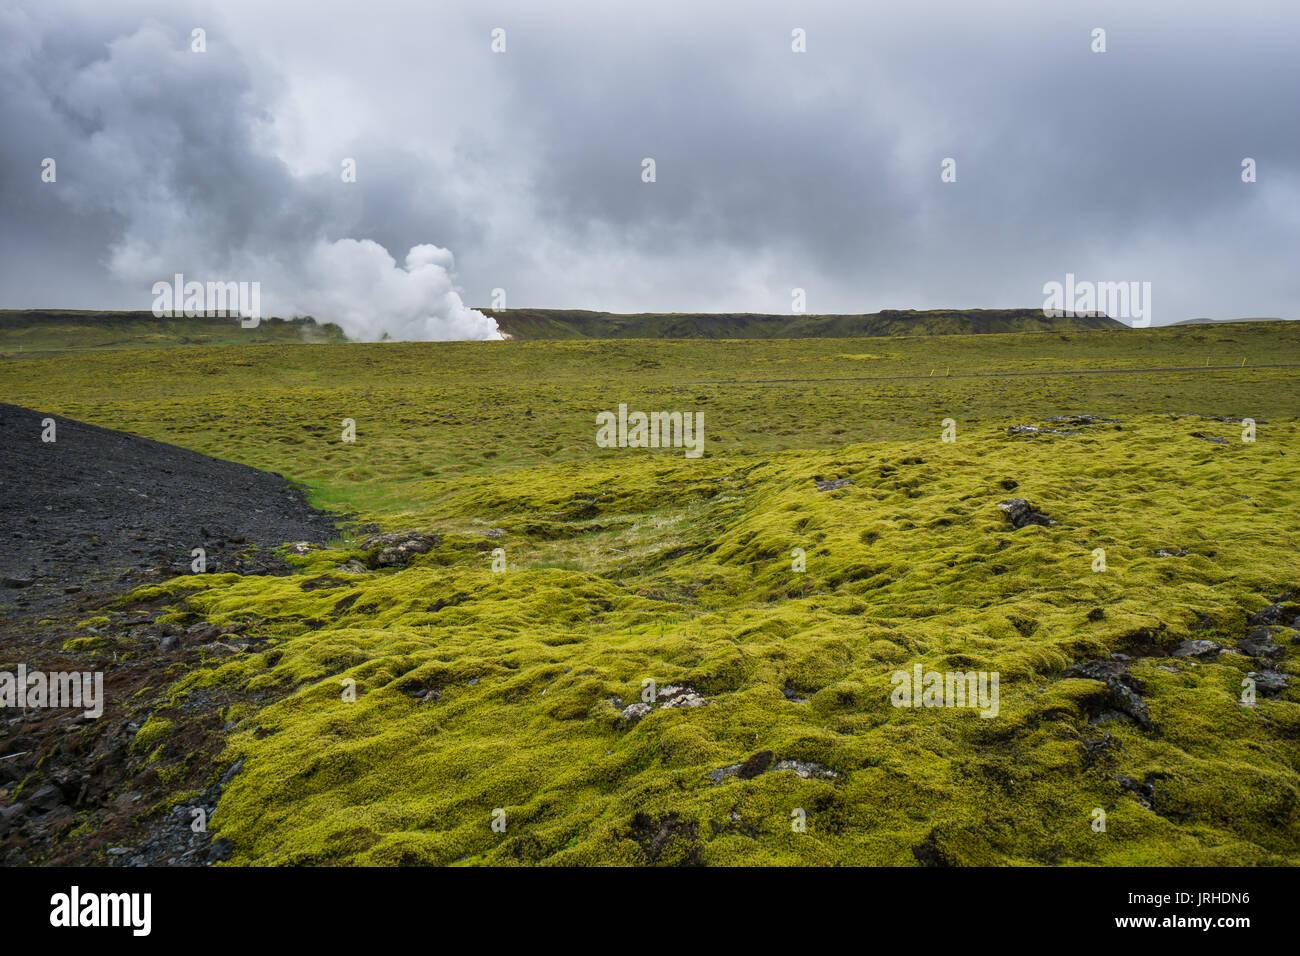 Islande - Vert mousse de lave couvertes avec de l'énergie géothermique Photo Stock